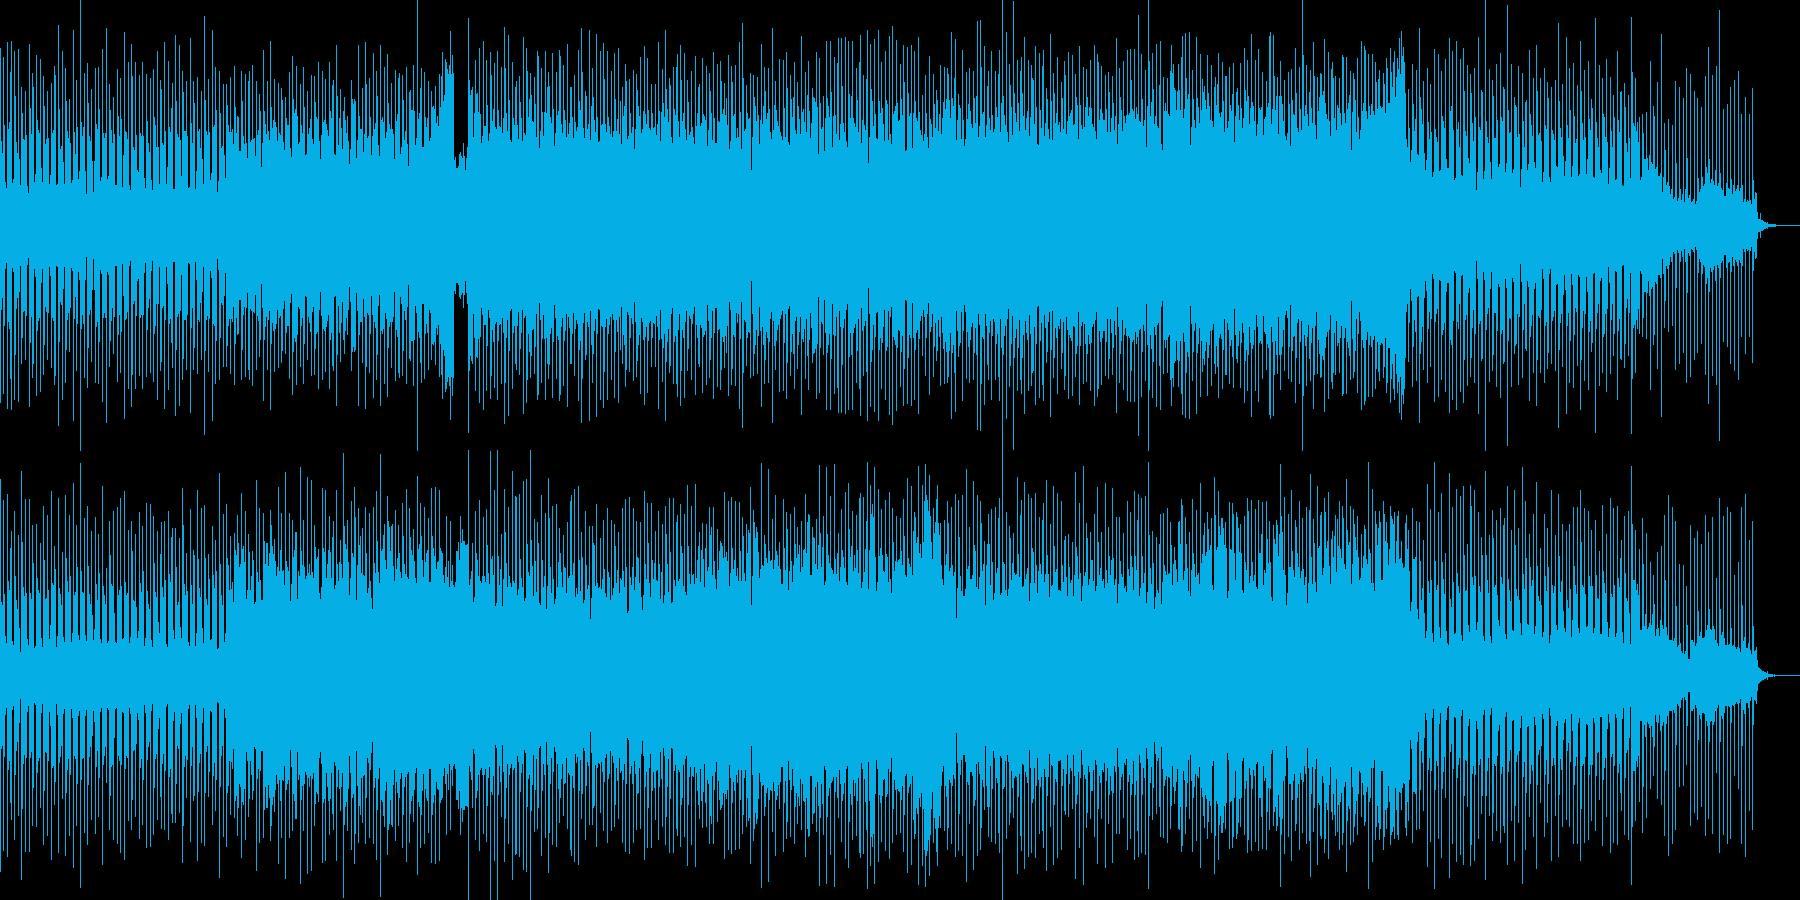 明るく優しいベル音が印象的なポップス曲の再生済みの波形